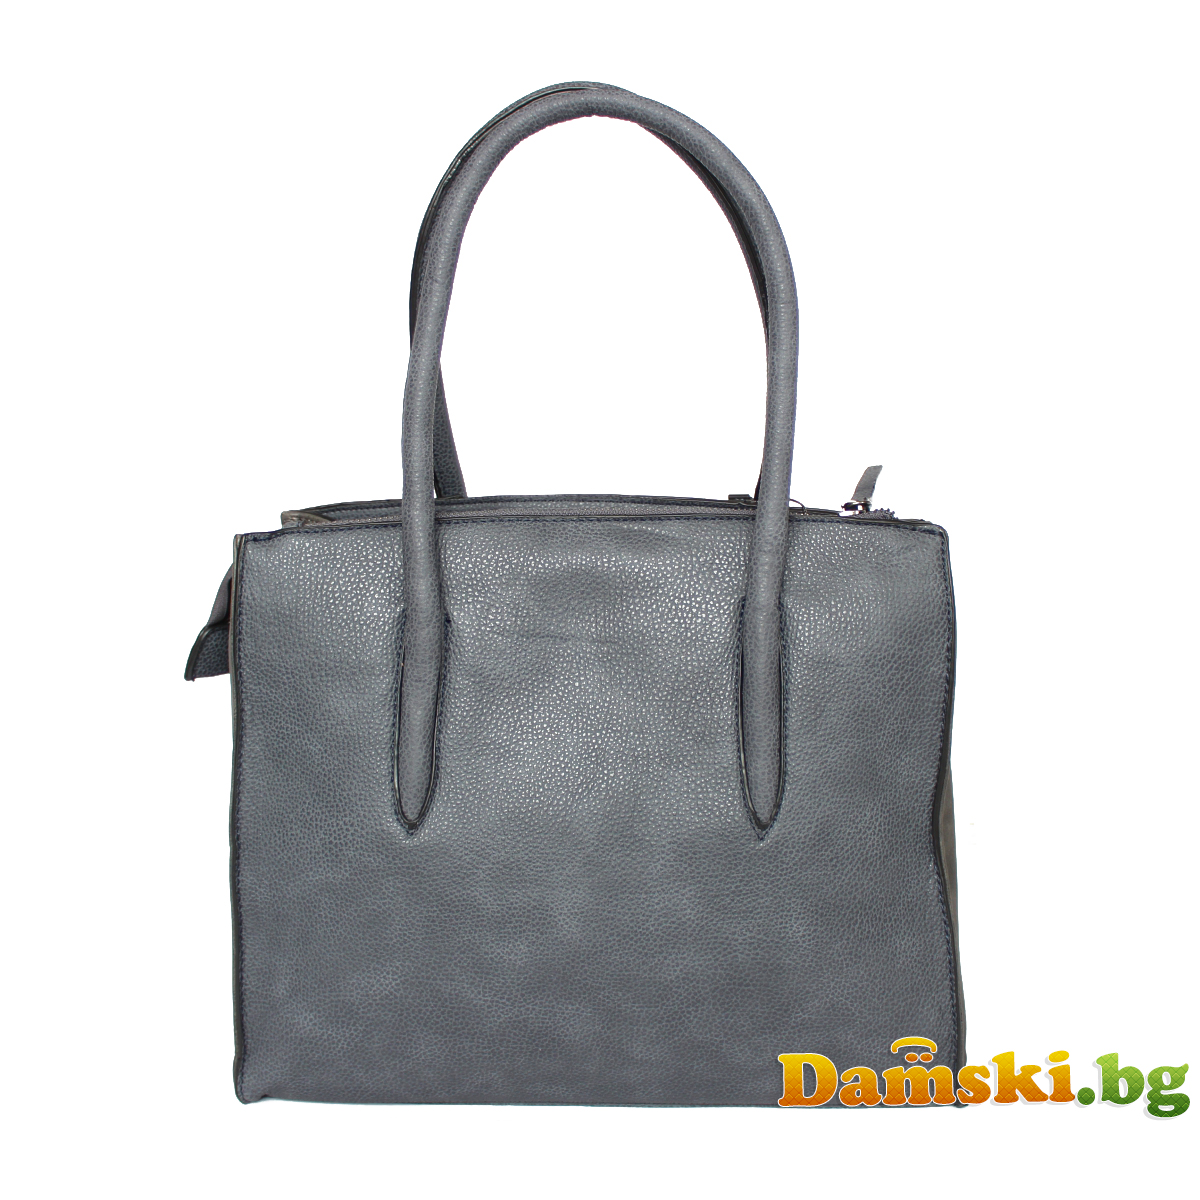 Стилна дамска чанта - Ива Снимка 2 от 3